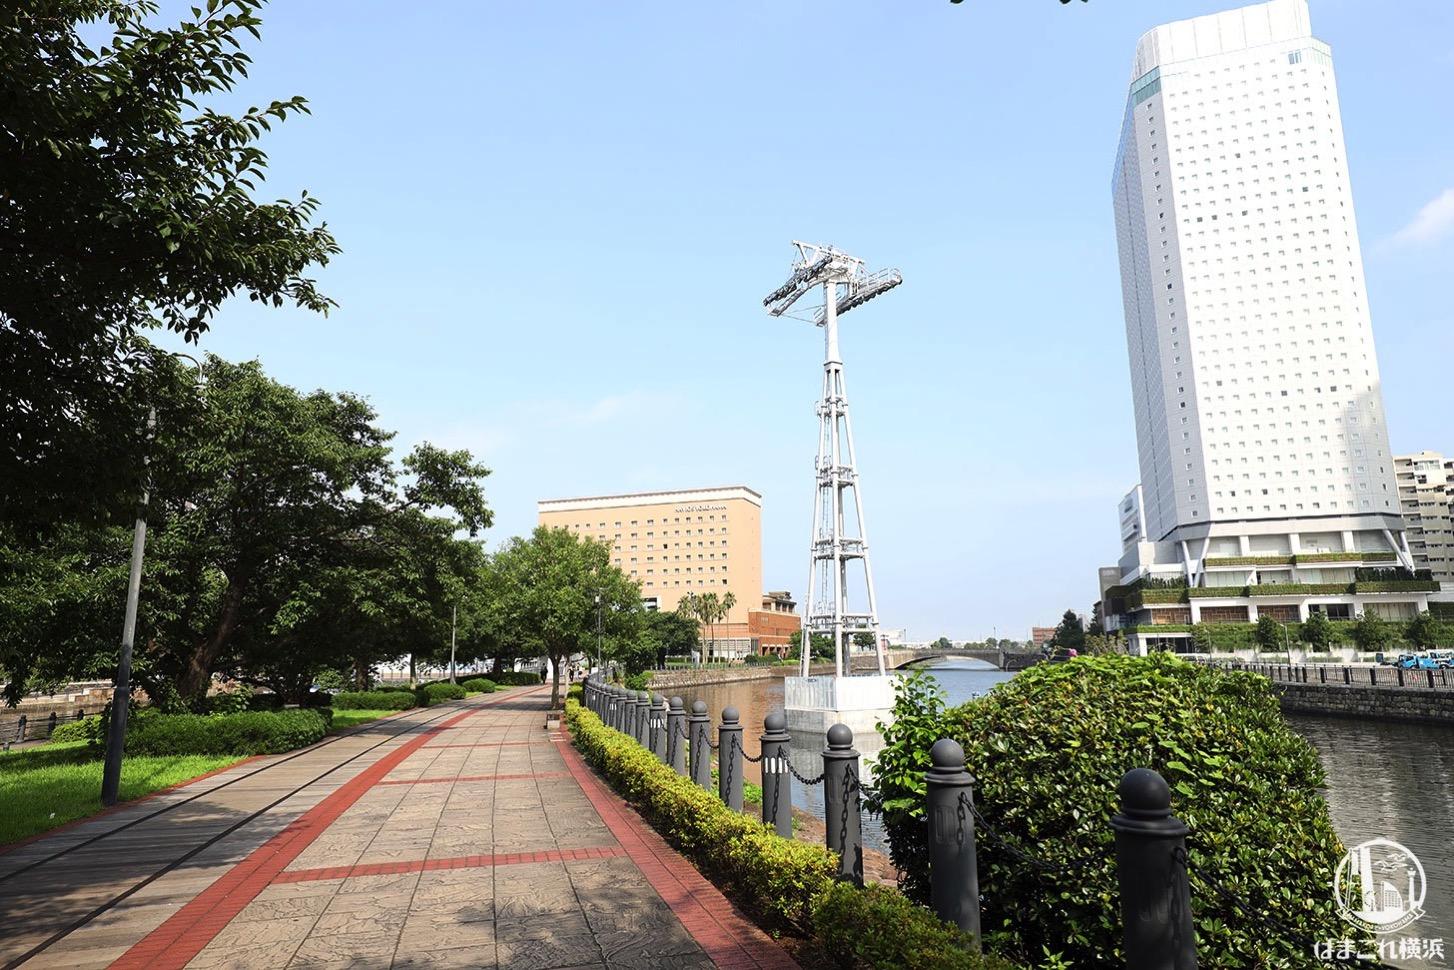 ロープウェイの支柱、横浜みなとみらいの汽車道沿い運河に続々 桜木町駅前には駅舎も